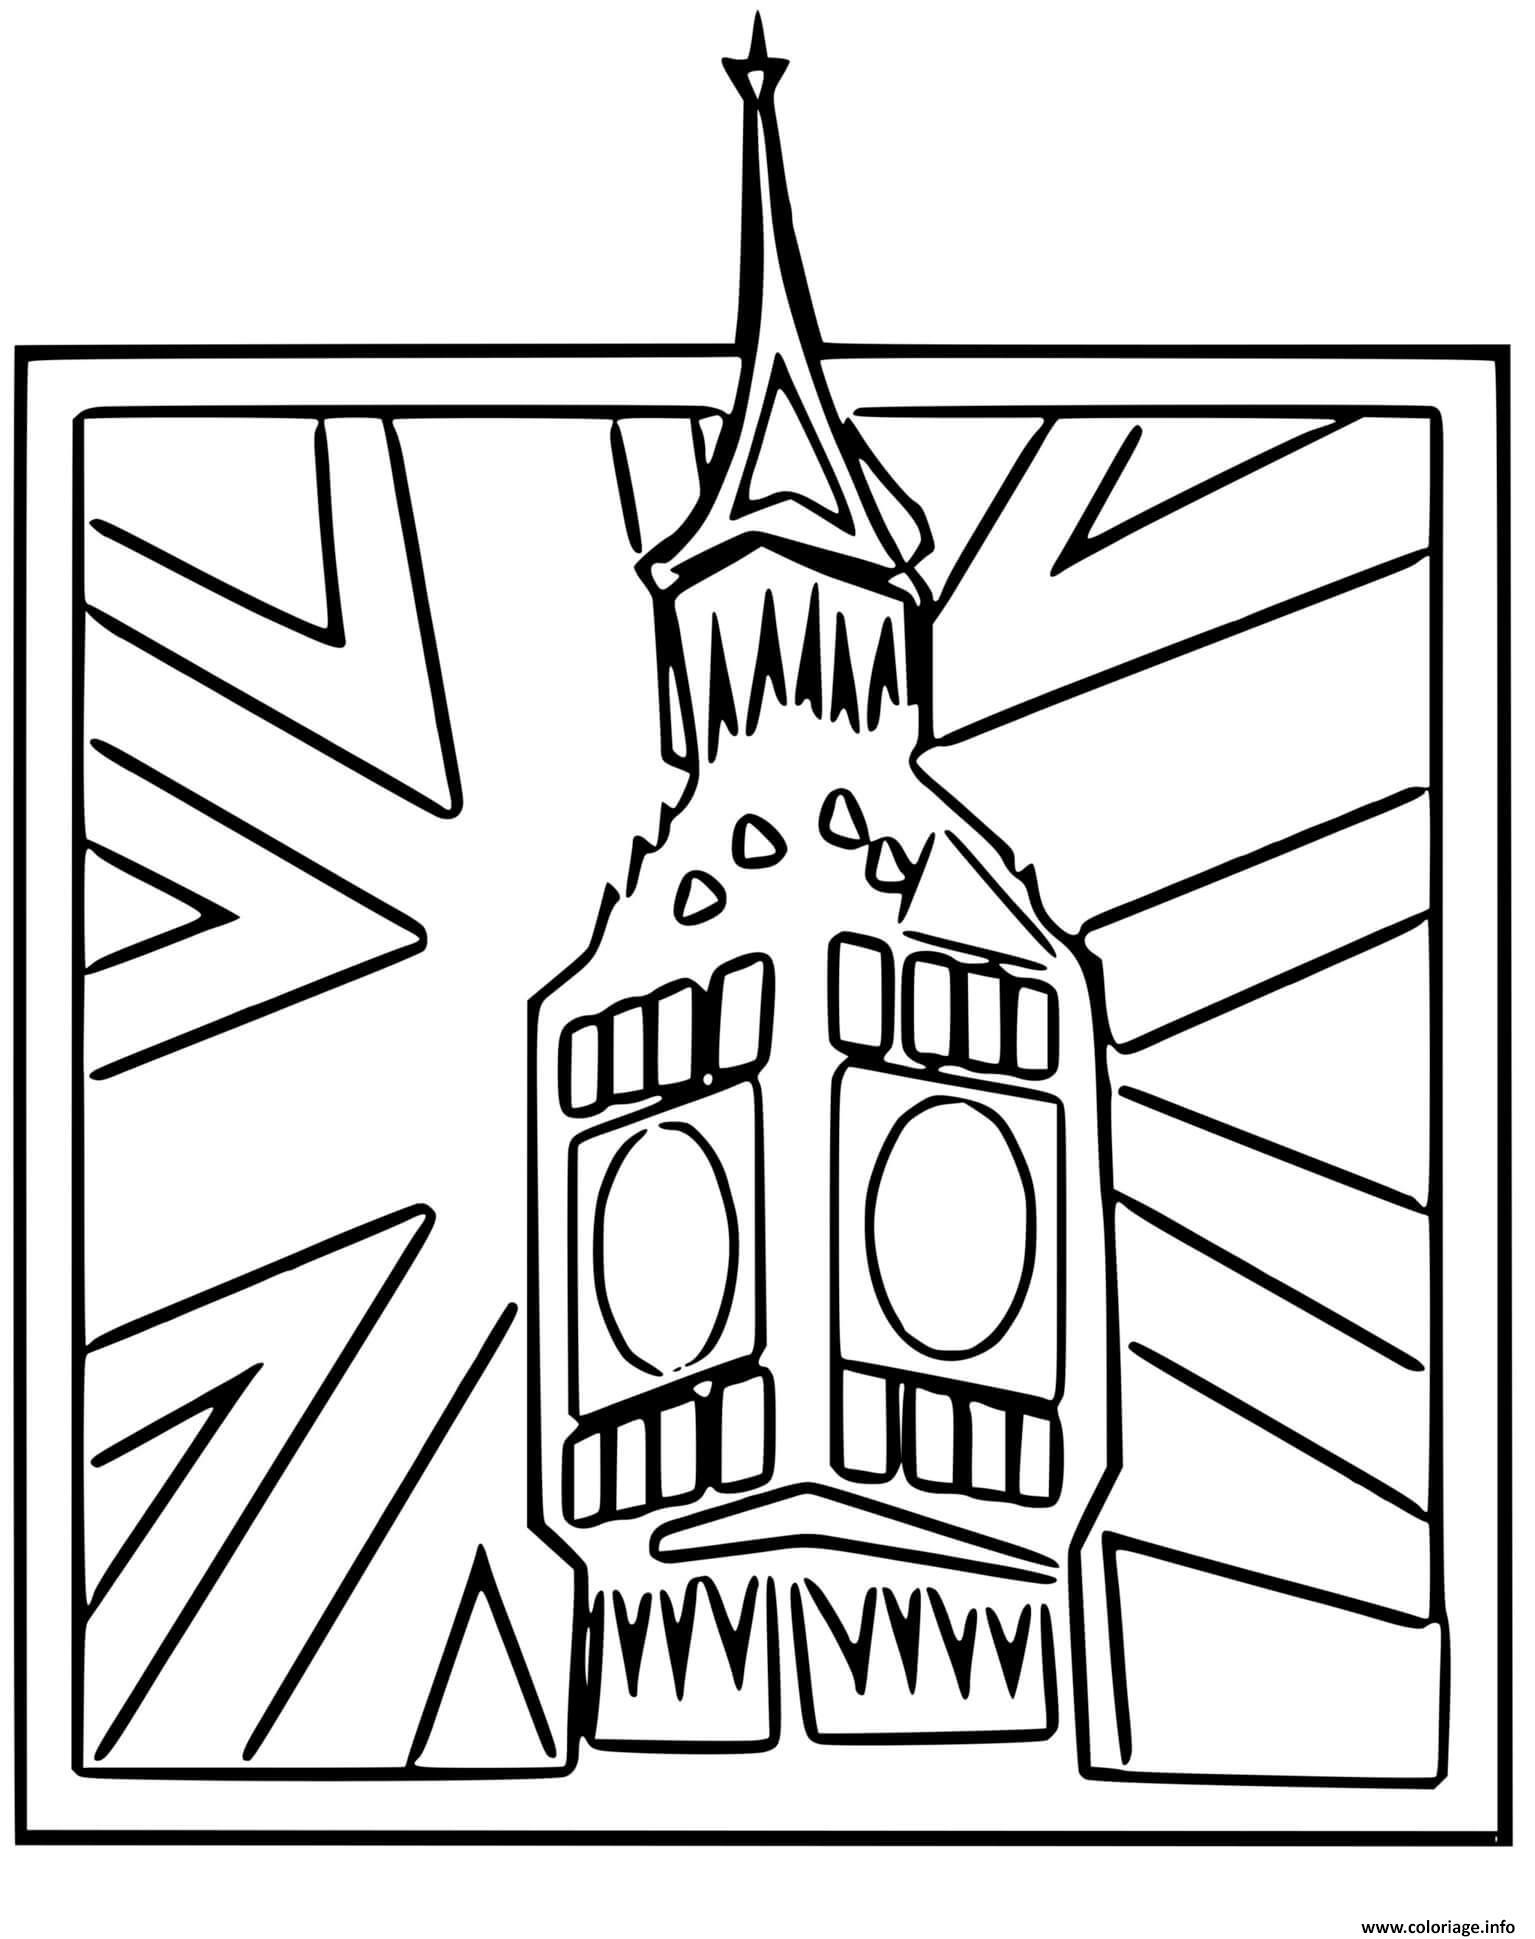 Dessin Big Ben Angleterre Horloge drapeau anglais Coloriage Gratuit à Imprimer